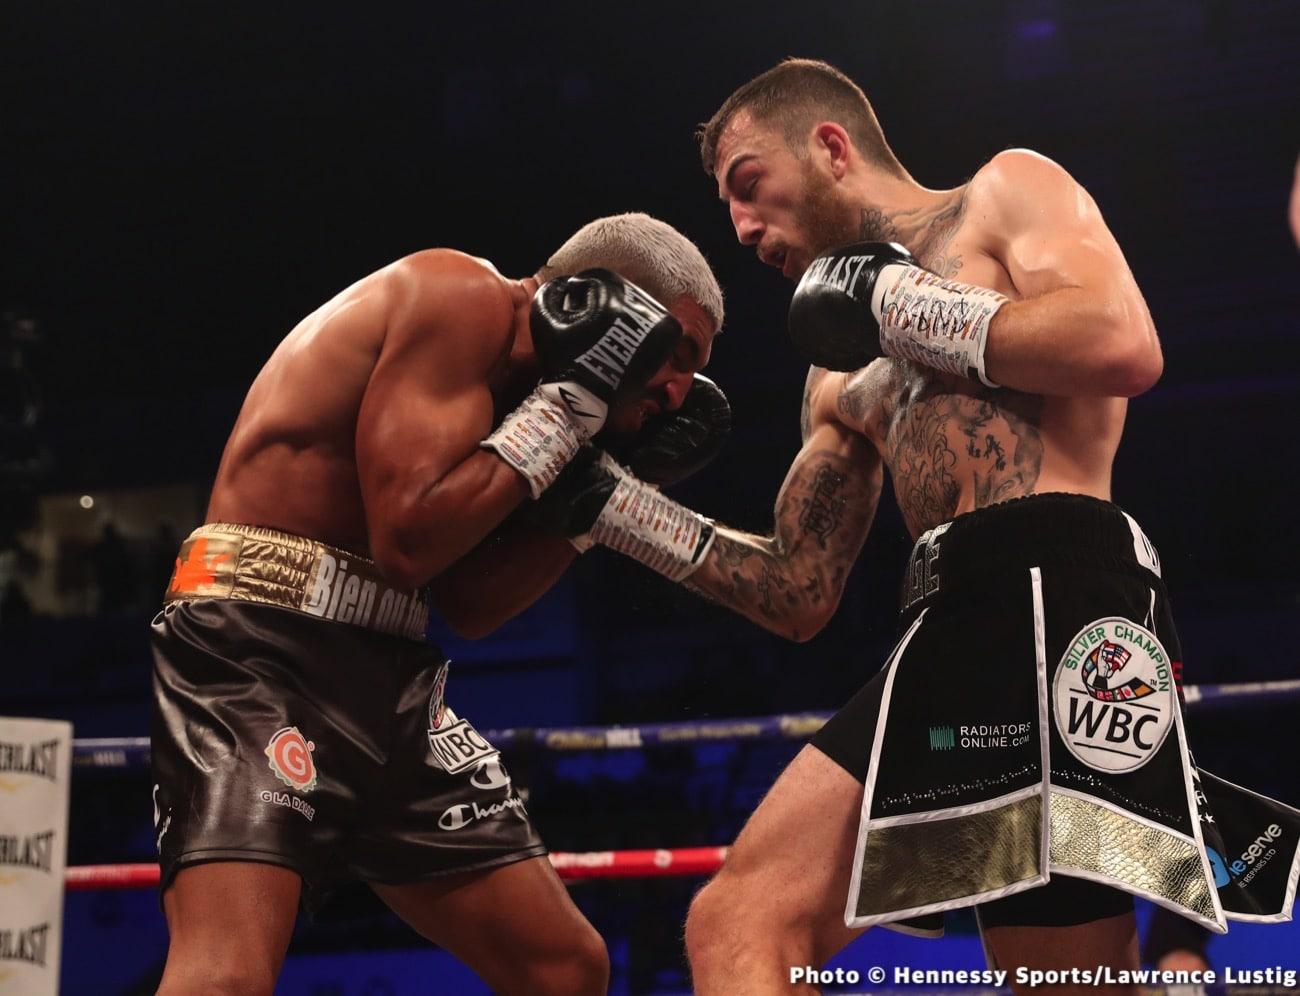 Bilel Jkitou, Sam Eggington - Boxing Results